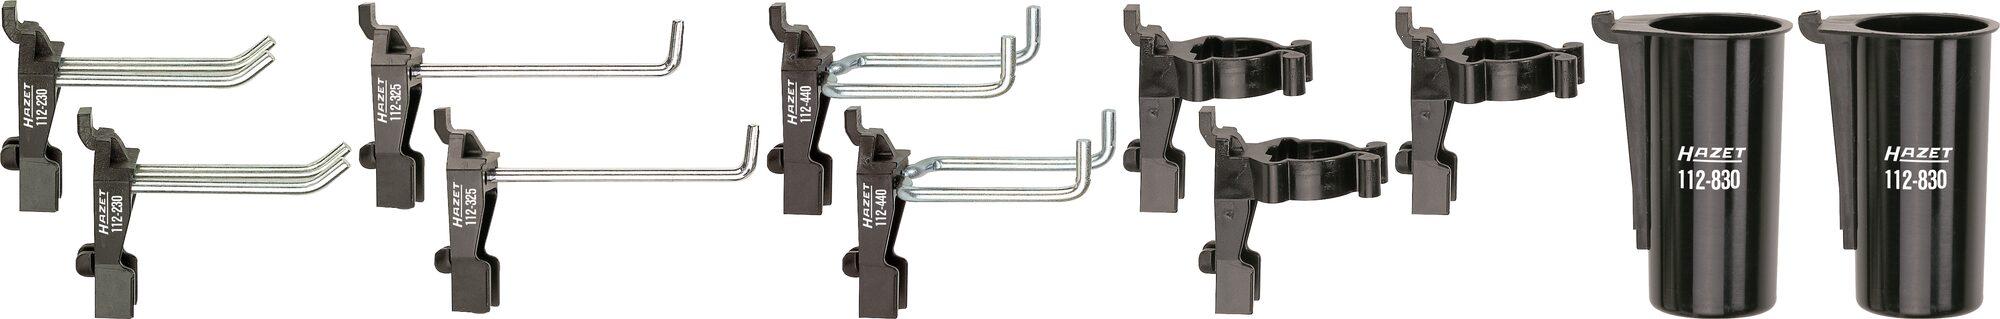 HAZET Werkzeug Halter 112/11 ∙ Anzahl Werkzeuge: 11